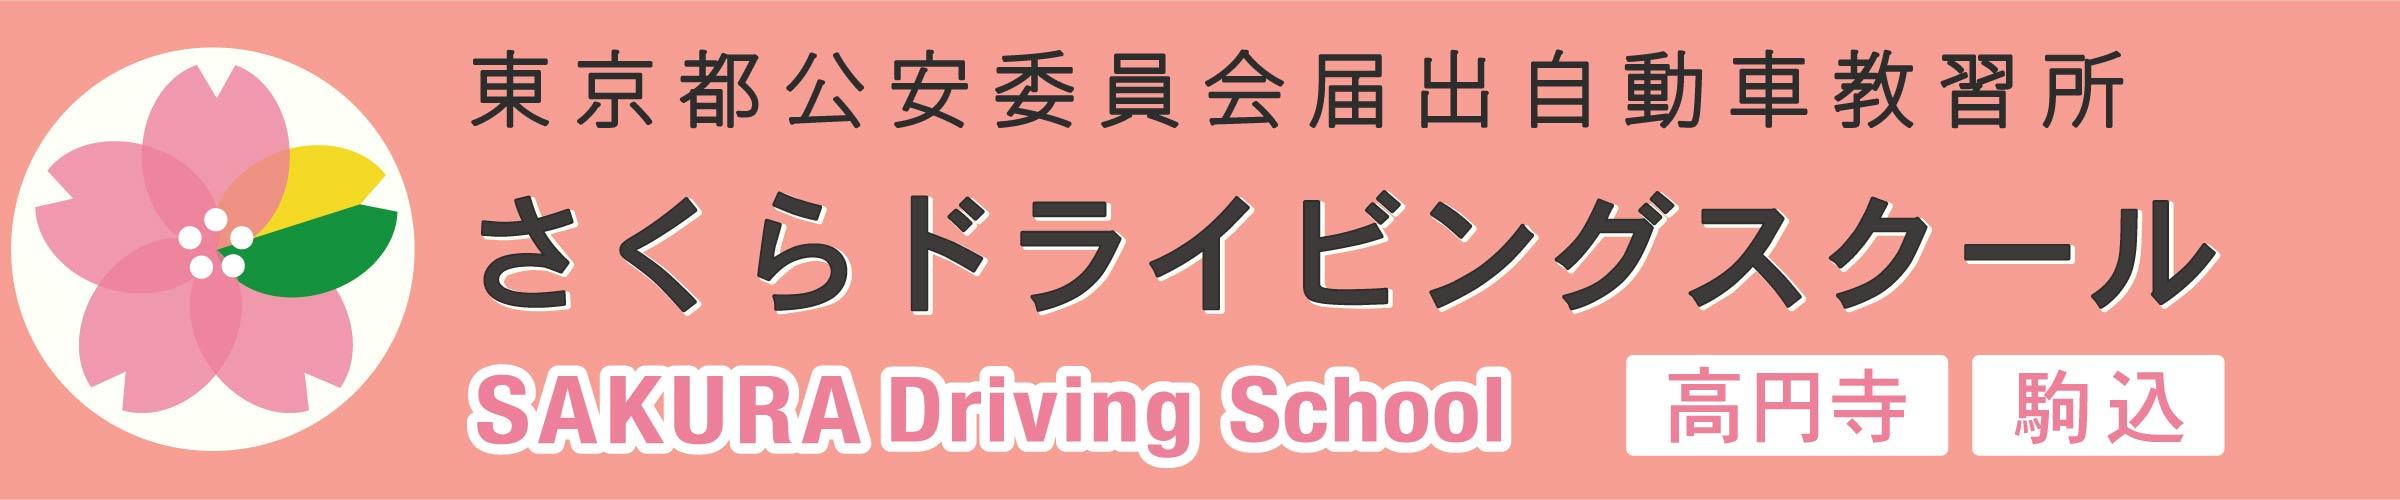 さくらドライビングスクール【東京都内】杉並区高円寺・北区駒込の自動車学校